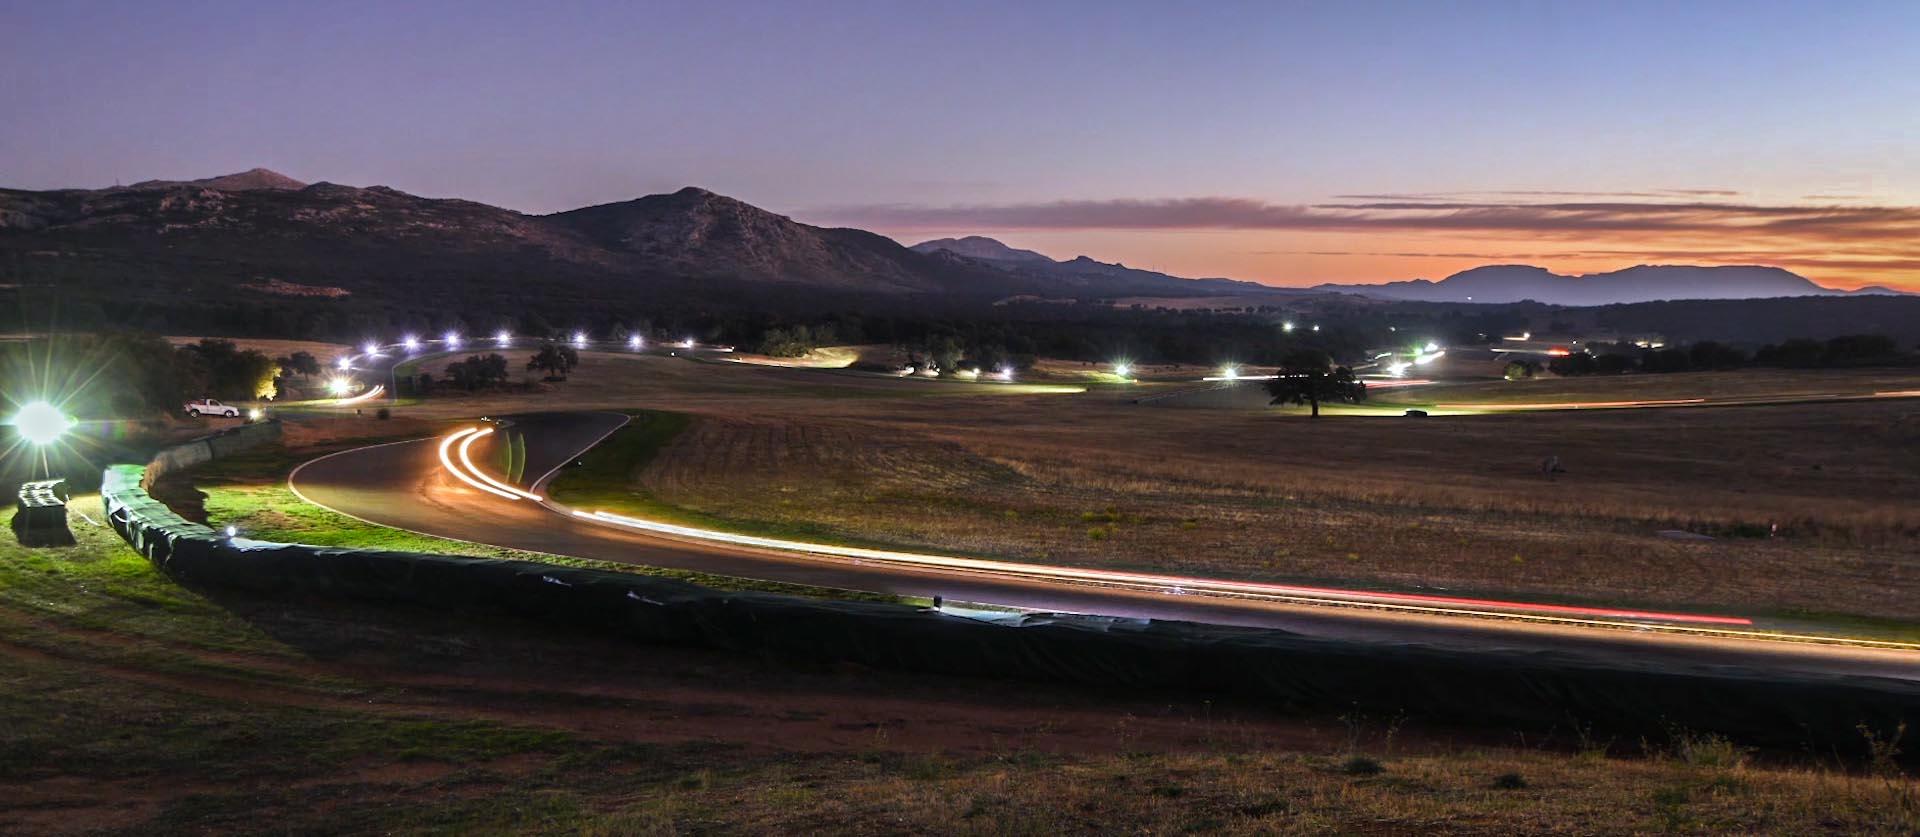 Circuito Ascari : Imarti motorsport ¡te damos la oportunidad de correr las 24 horas